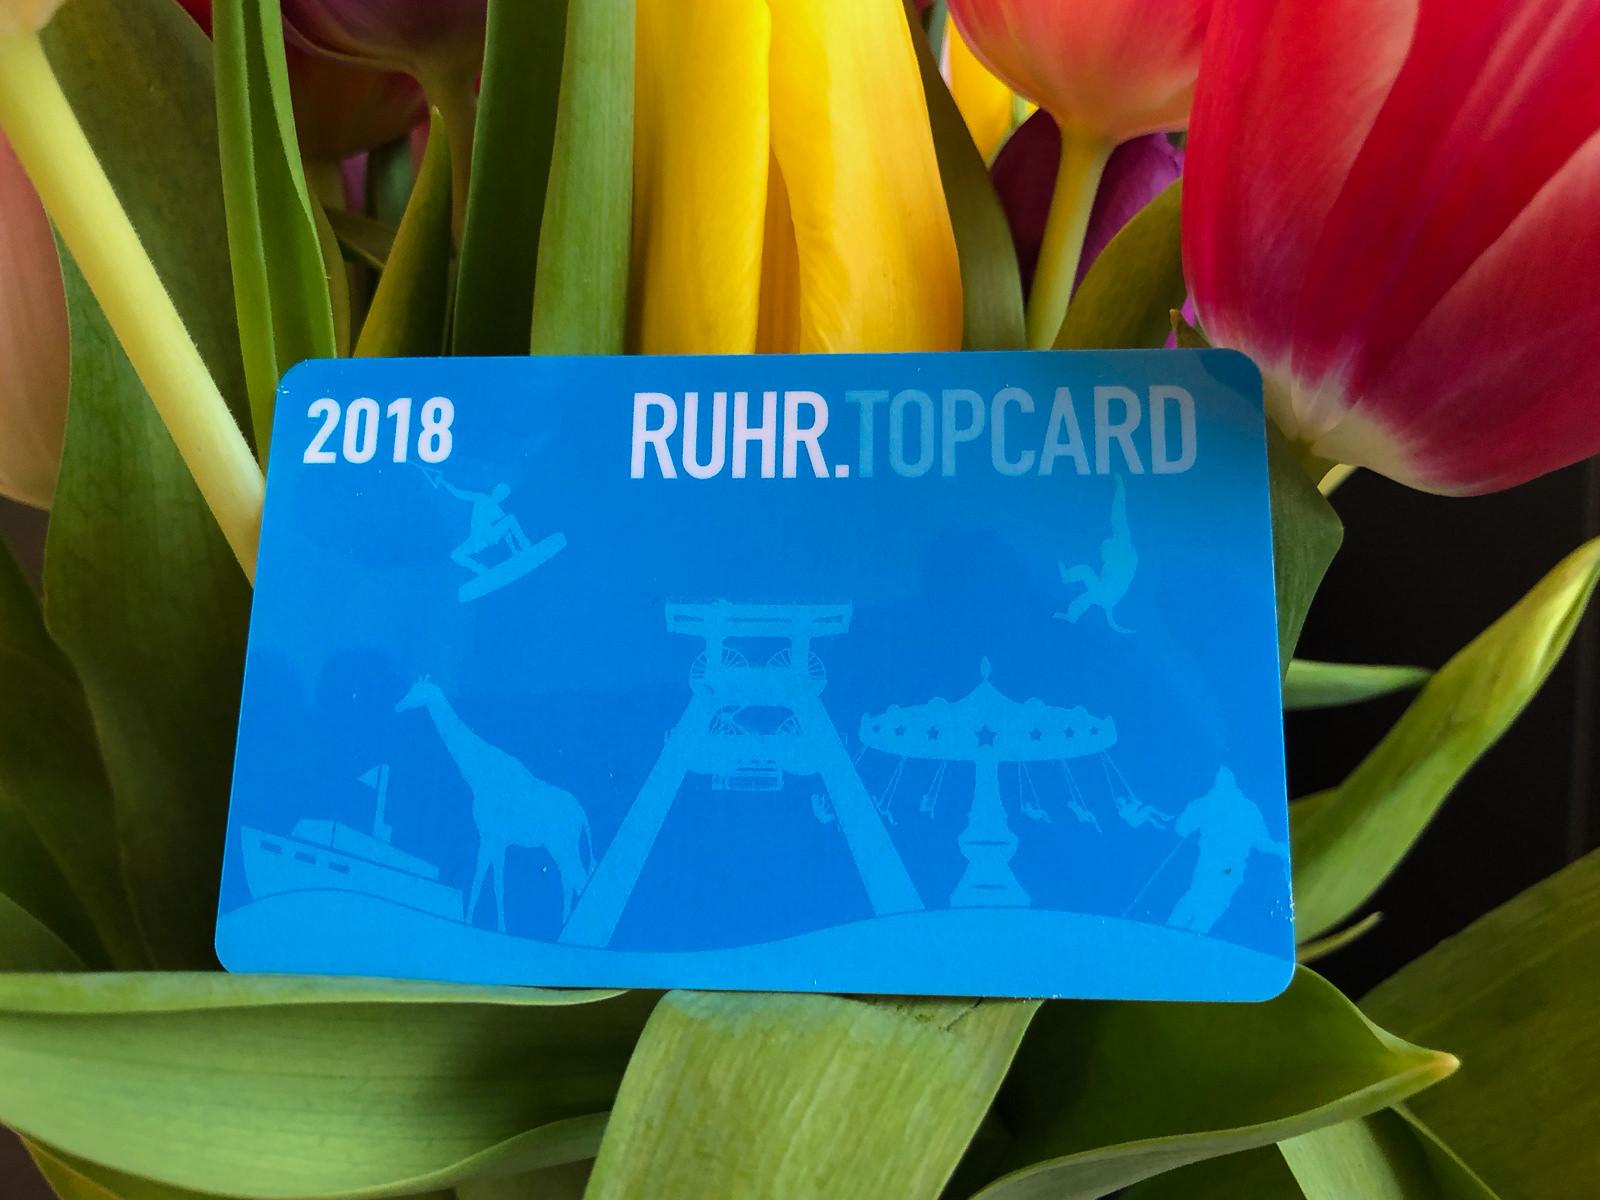 Ruhrtop Karte.Ruhr Topcard Rund 100 Tolle Ausflugsziele Fur 1 Jahr